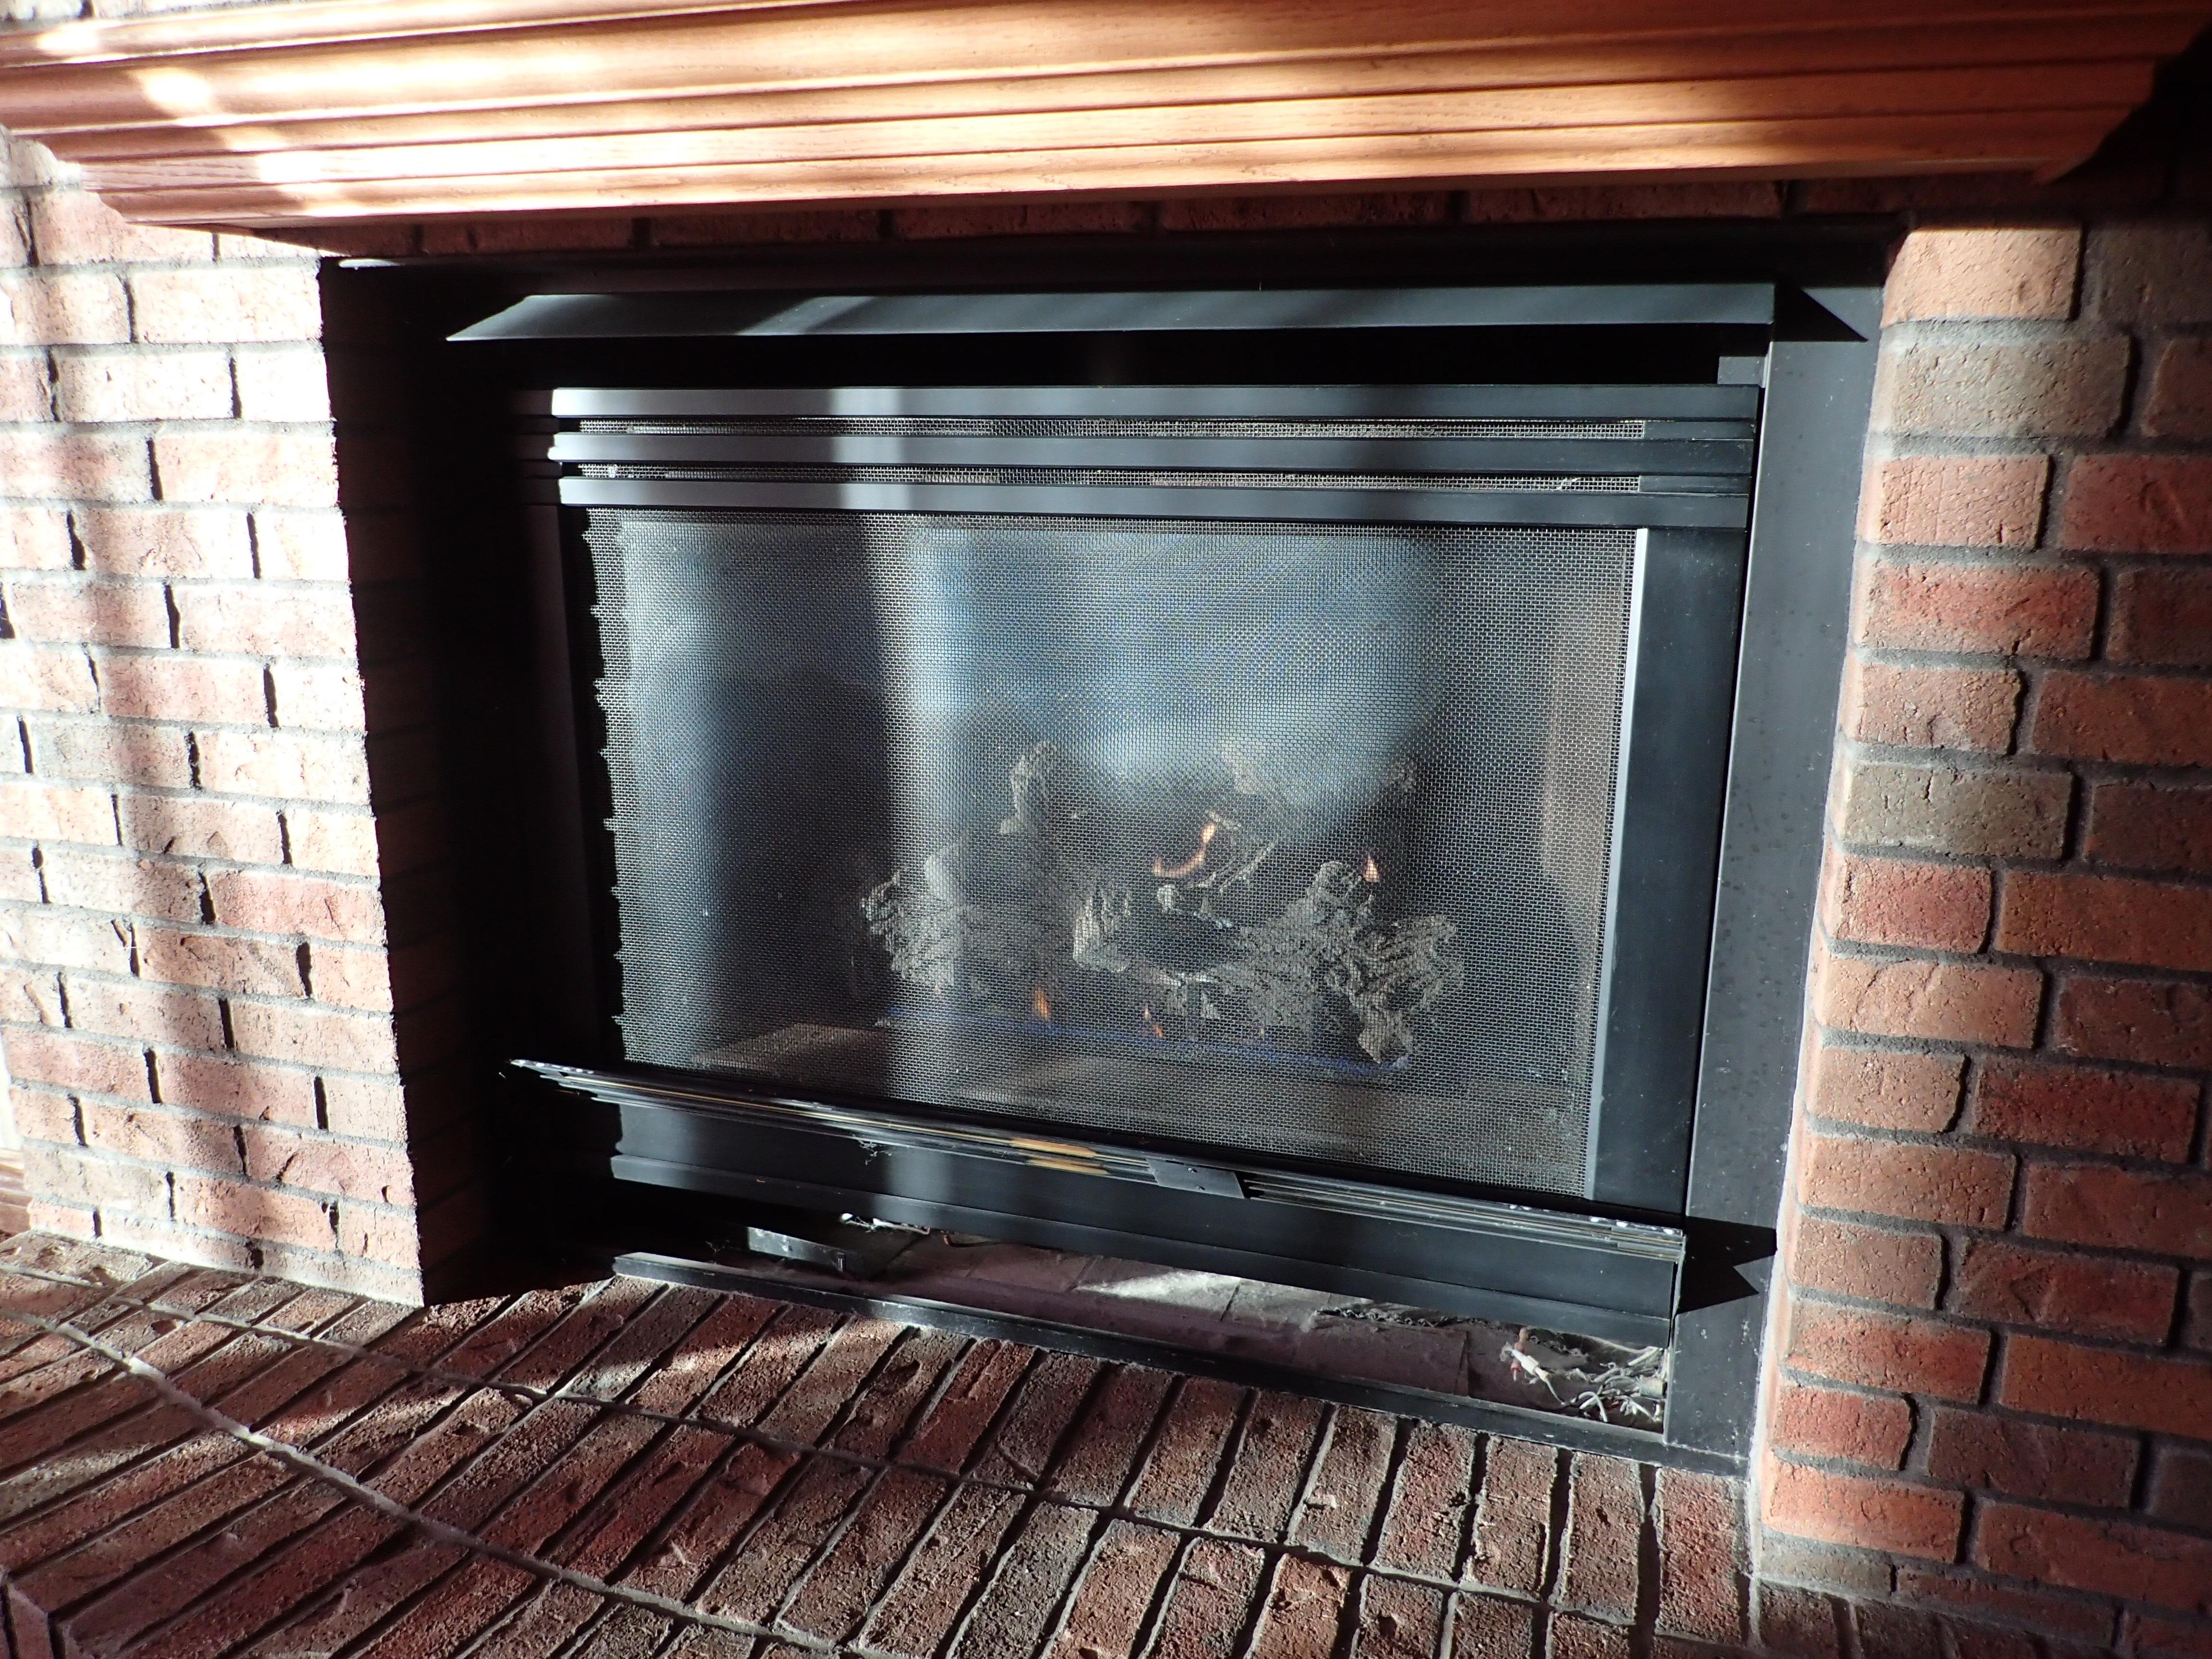 Direct vent fireplaces leaking carbon monoxide